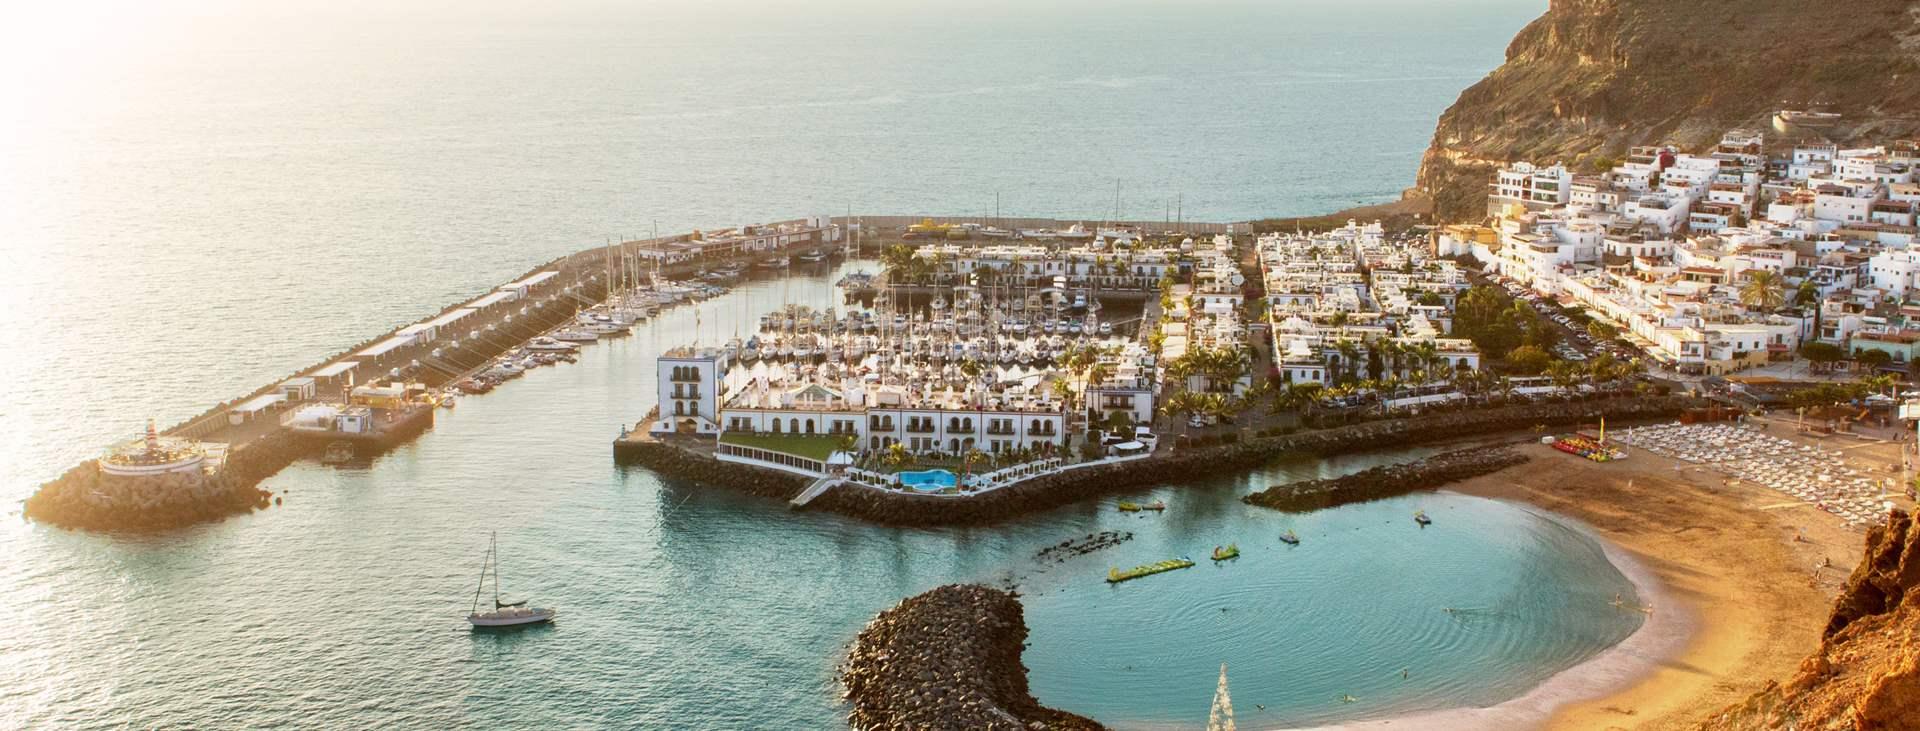 Bestill en reise til Puerto de Mogán på Gran Canaria med Ving